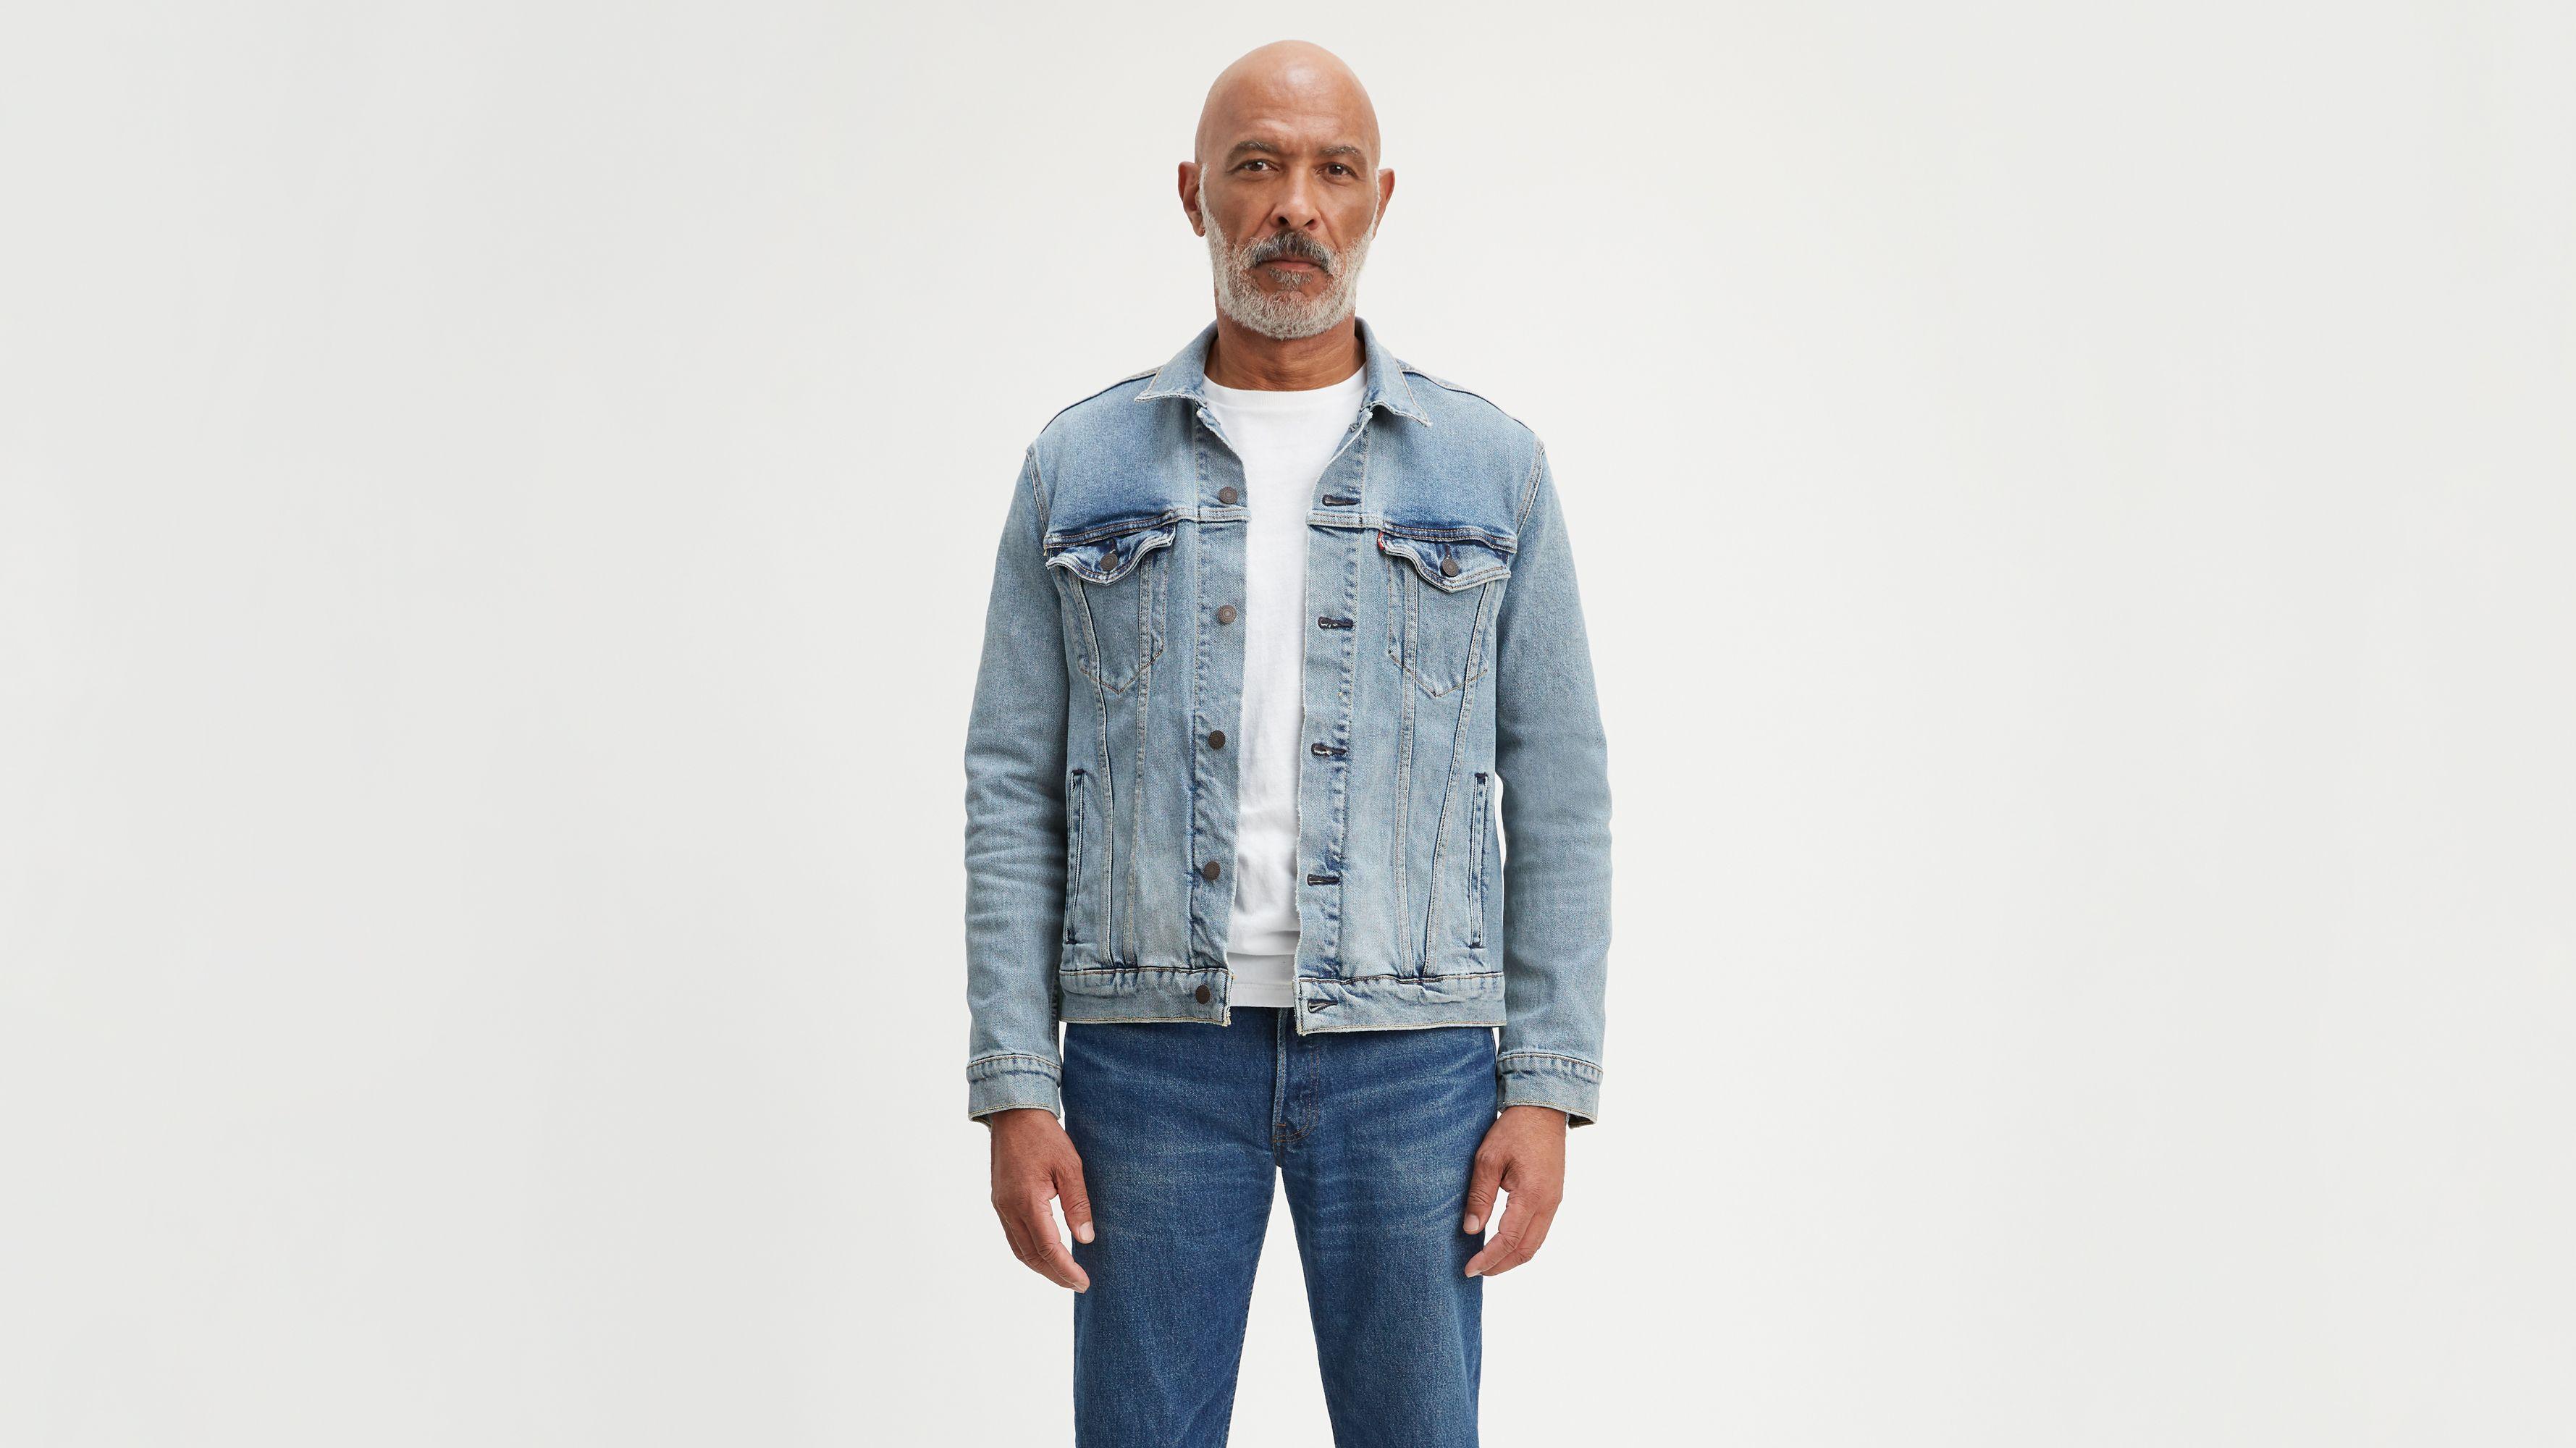 Light Normal Dark 2 Denim Patche Jean Jacket Blue Navy Repair Patch Cotton Twill